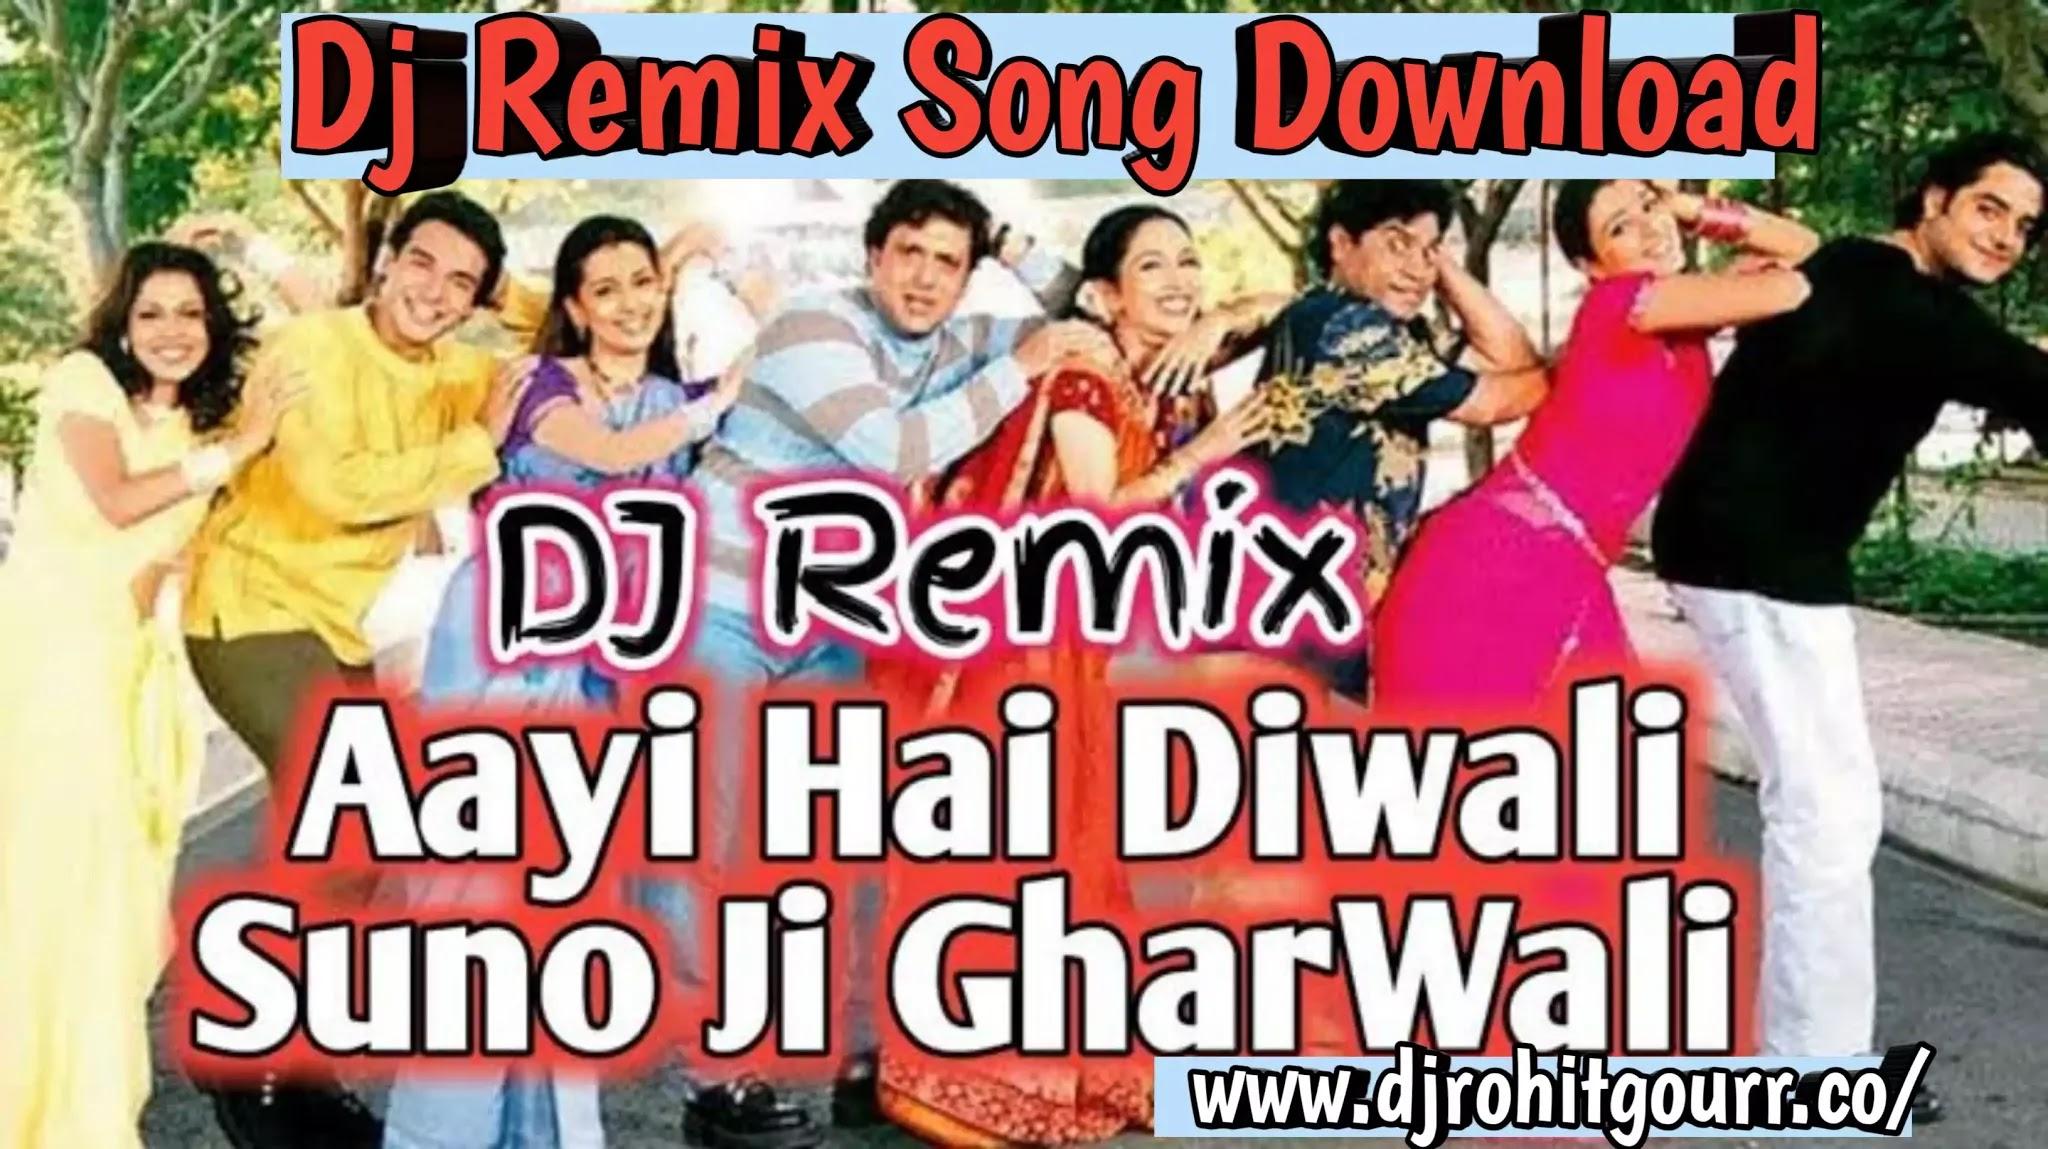 Aayi Hai Diwali Dj Remix Song Download